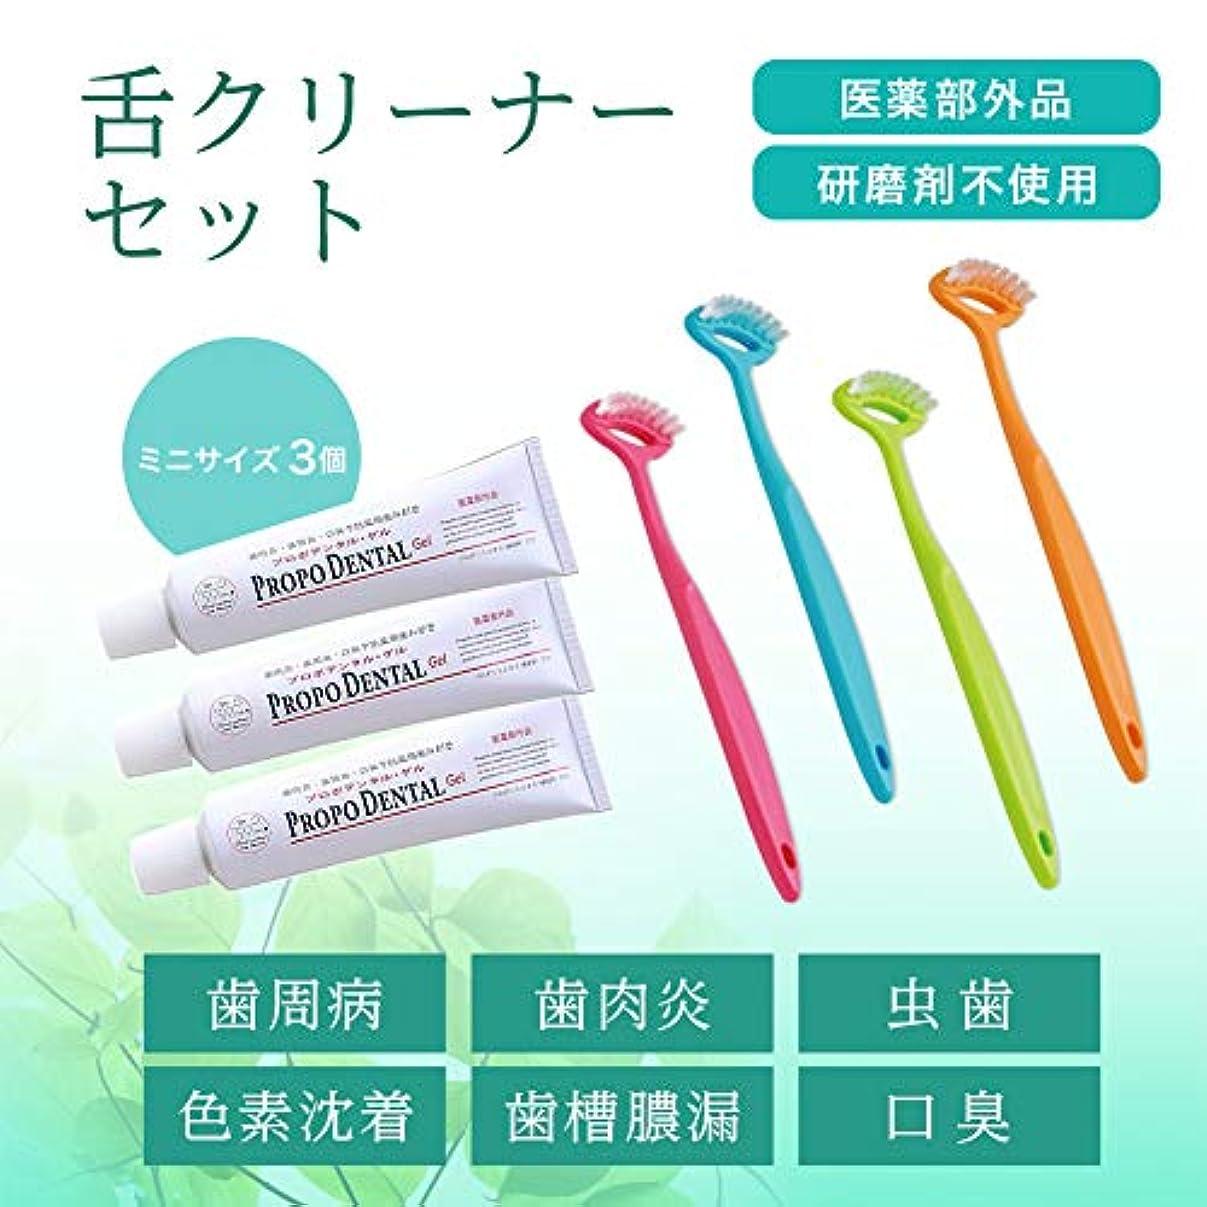 彼らの彼らのアラーム口臭予防 舌クリーニングセット 歯磨き 舌磨き 舌クリーナー はみがき 歯磨きジェル (ゲルのミニ3本+舌クリーナー)